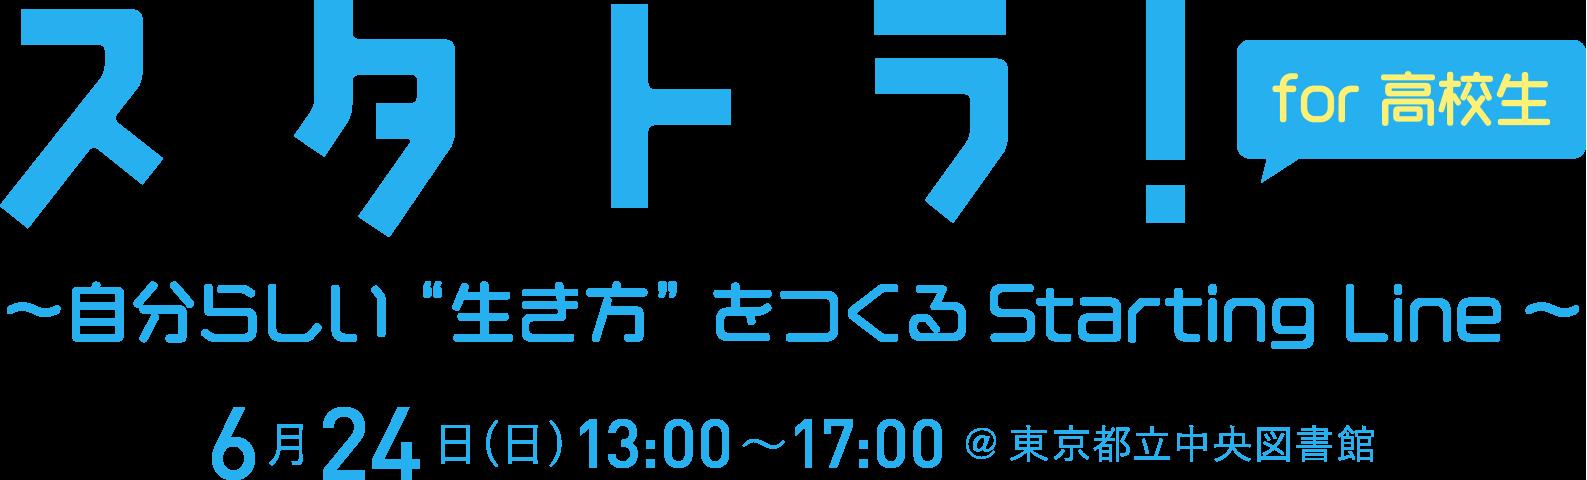 """スタトラ for 高校生  ~自分らしい""""生き方""""をつくるStarting Line~ 6月24日(日)開催"""